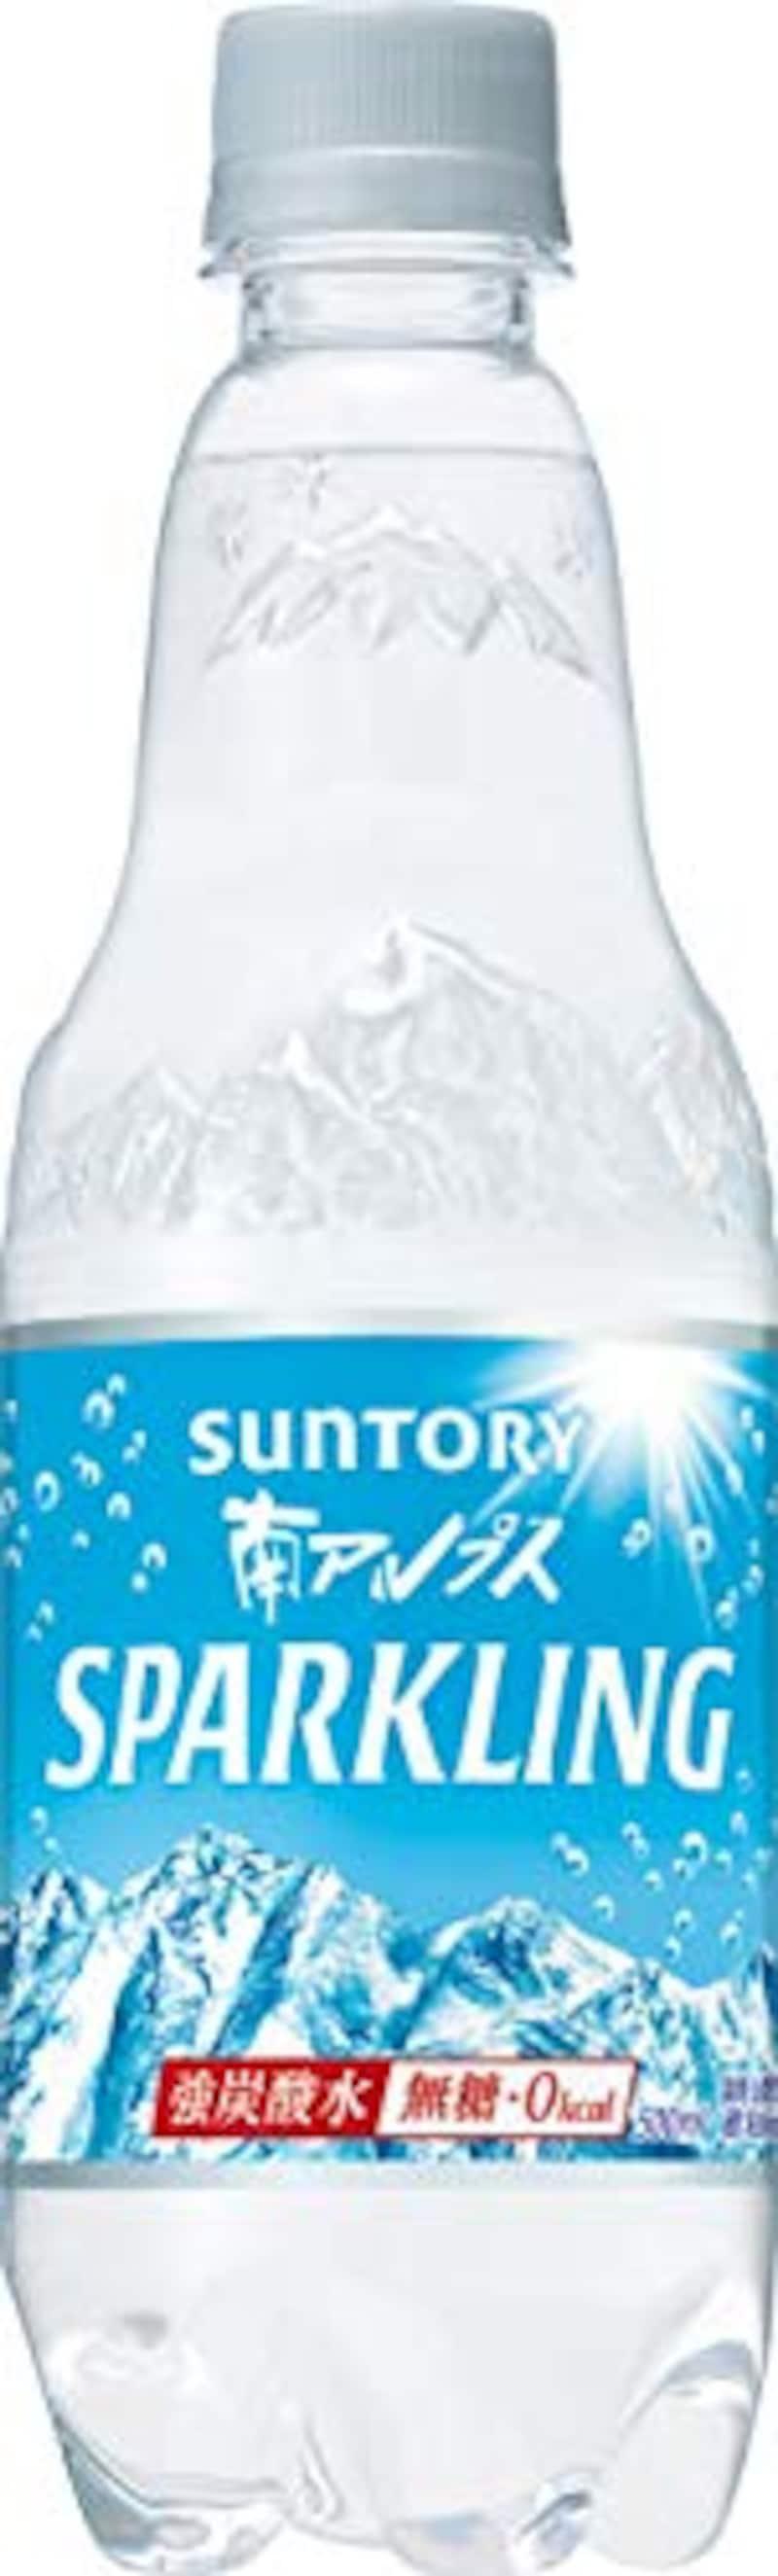 サントリー,天然水スパークリング